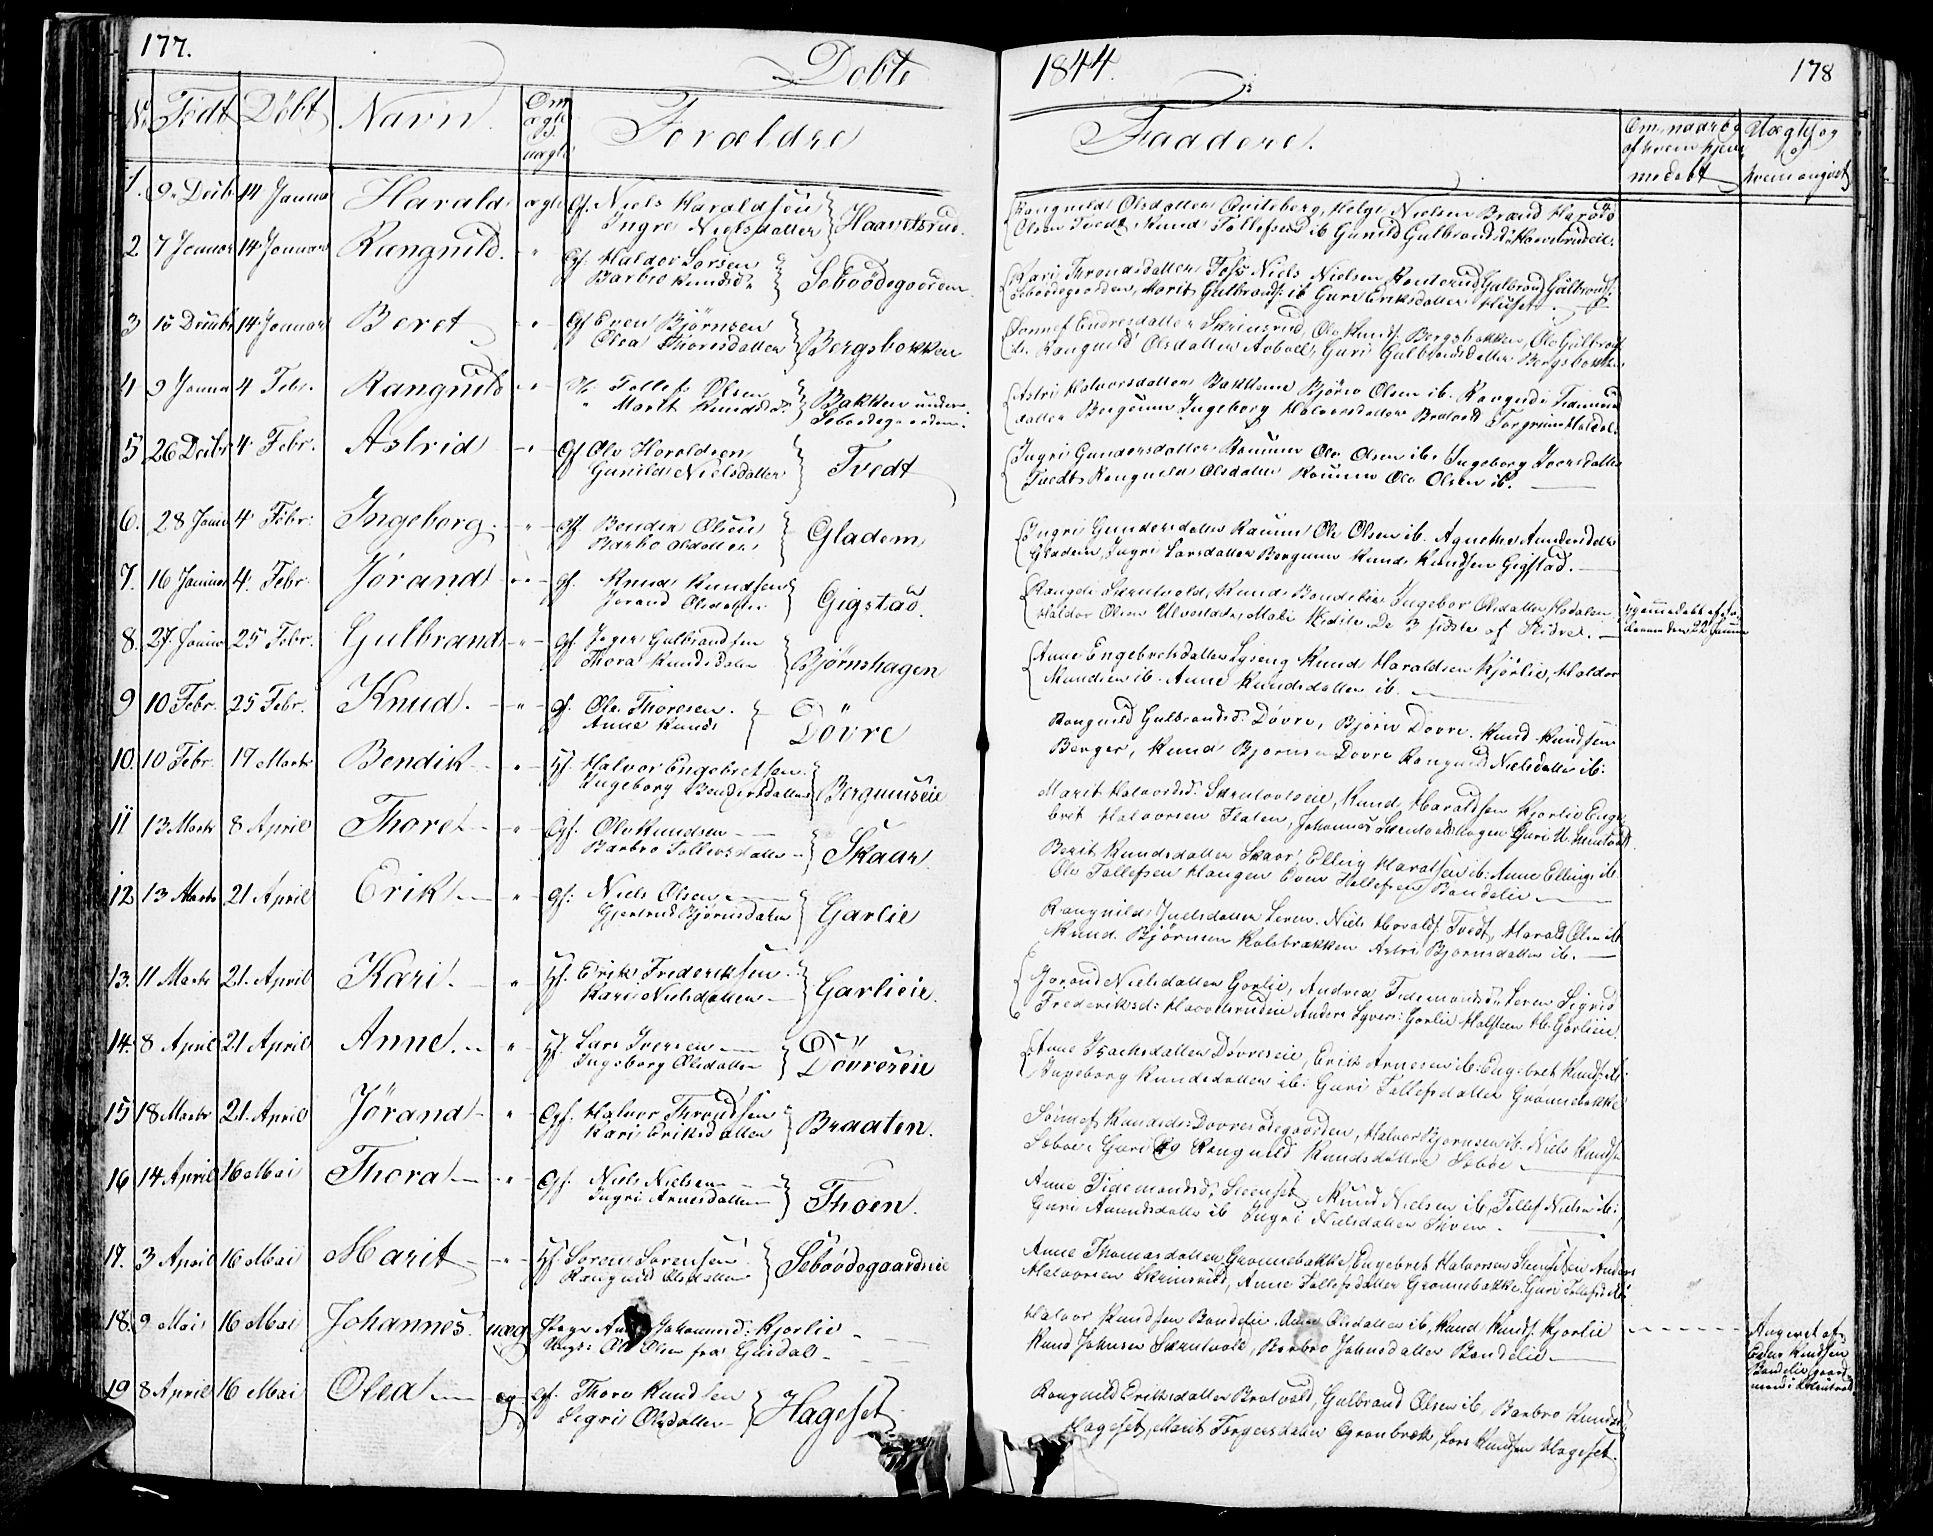 SAH, Nord-Aurdal prestekontor, Klokkerbok nr. 1, 1834-1887, s. 177-178